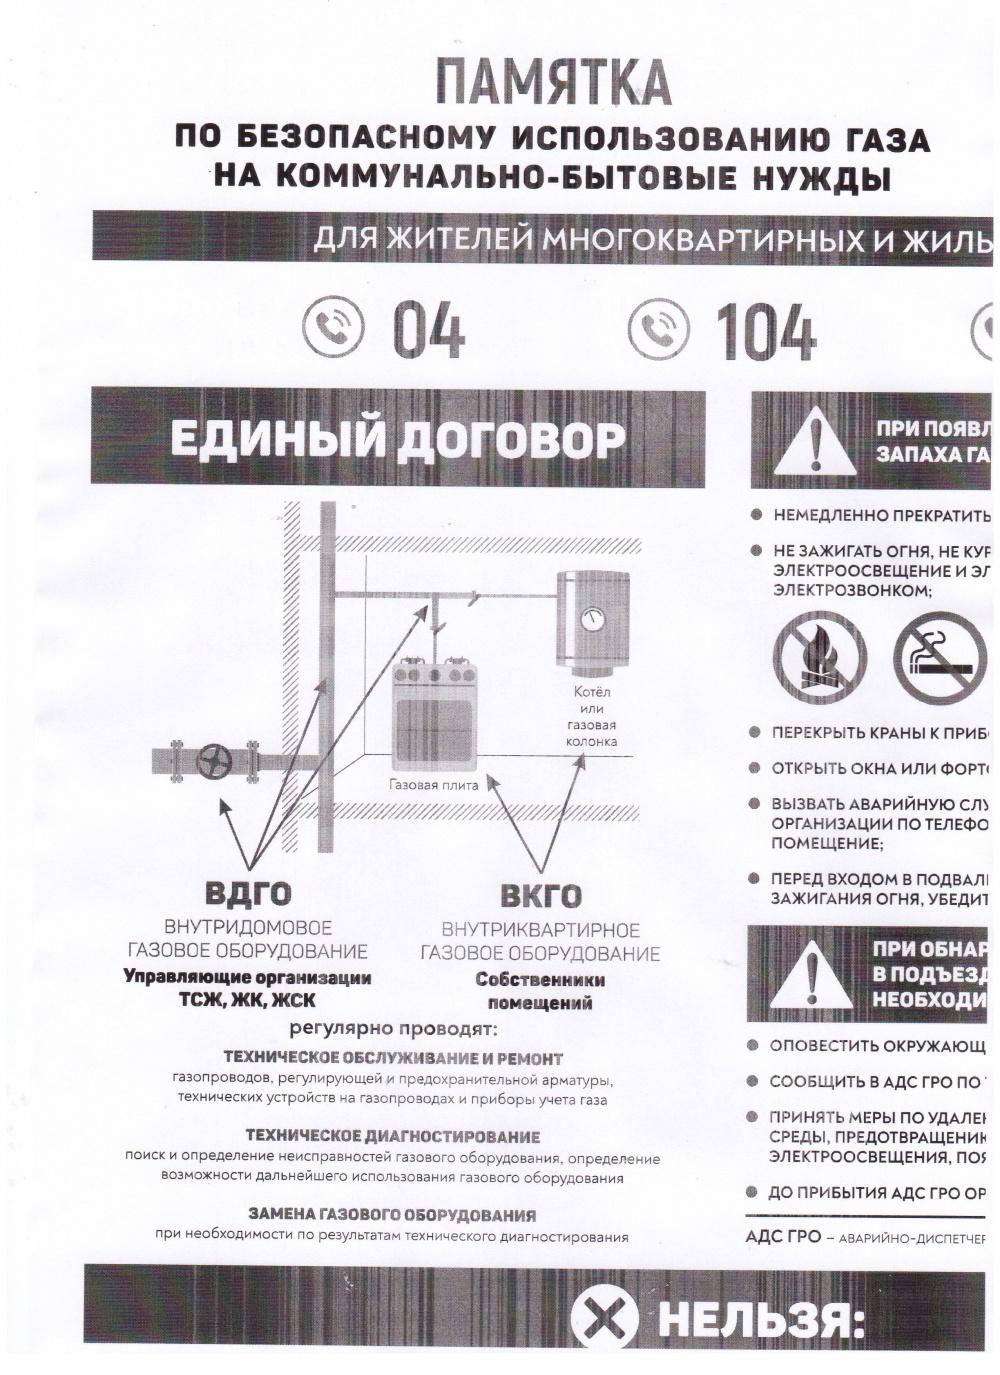 Информация по использованию газа в быту